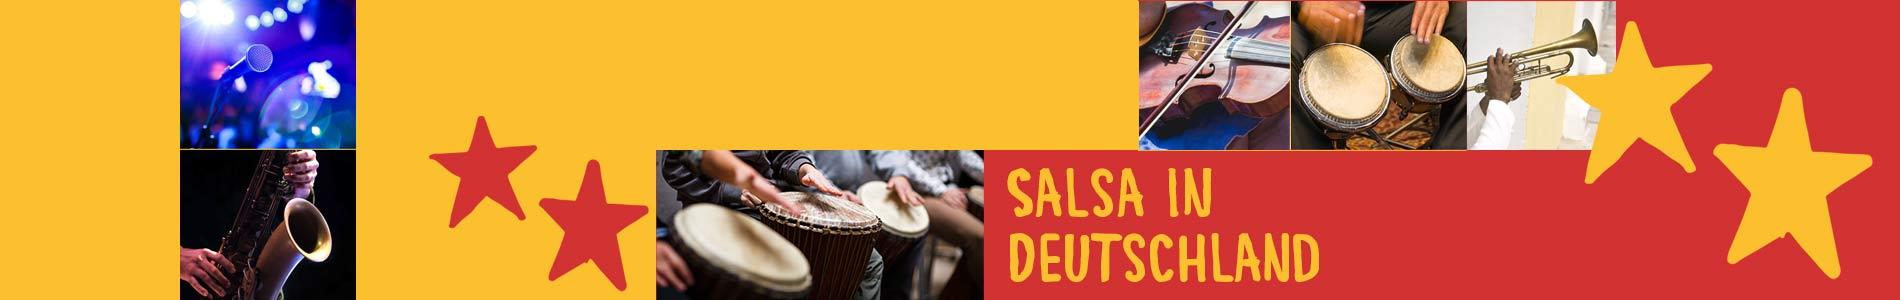 Salsa in Contwig – Salsa lernen und tanzen, Tanzkurse, Partys, Veranstaltungen